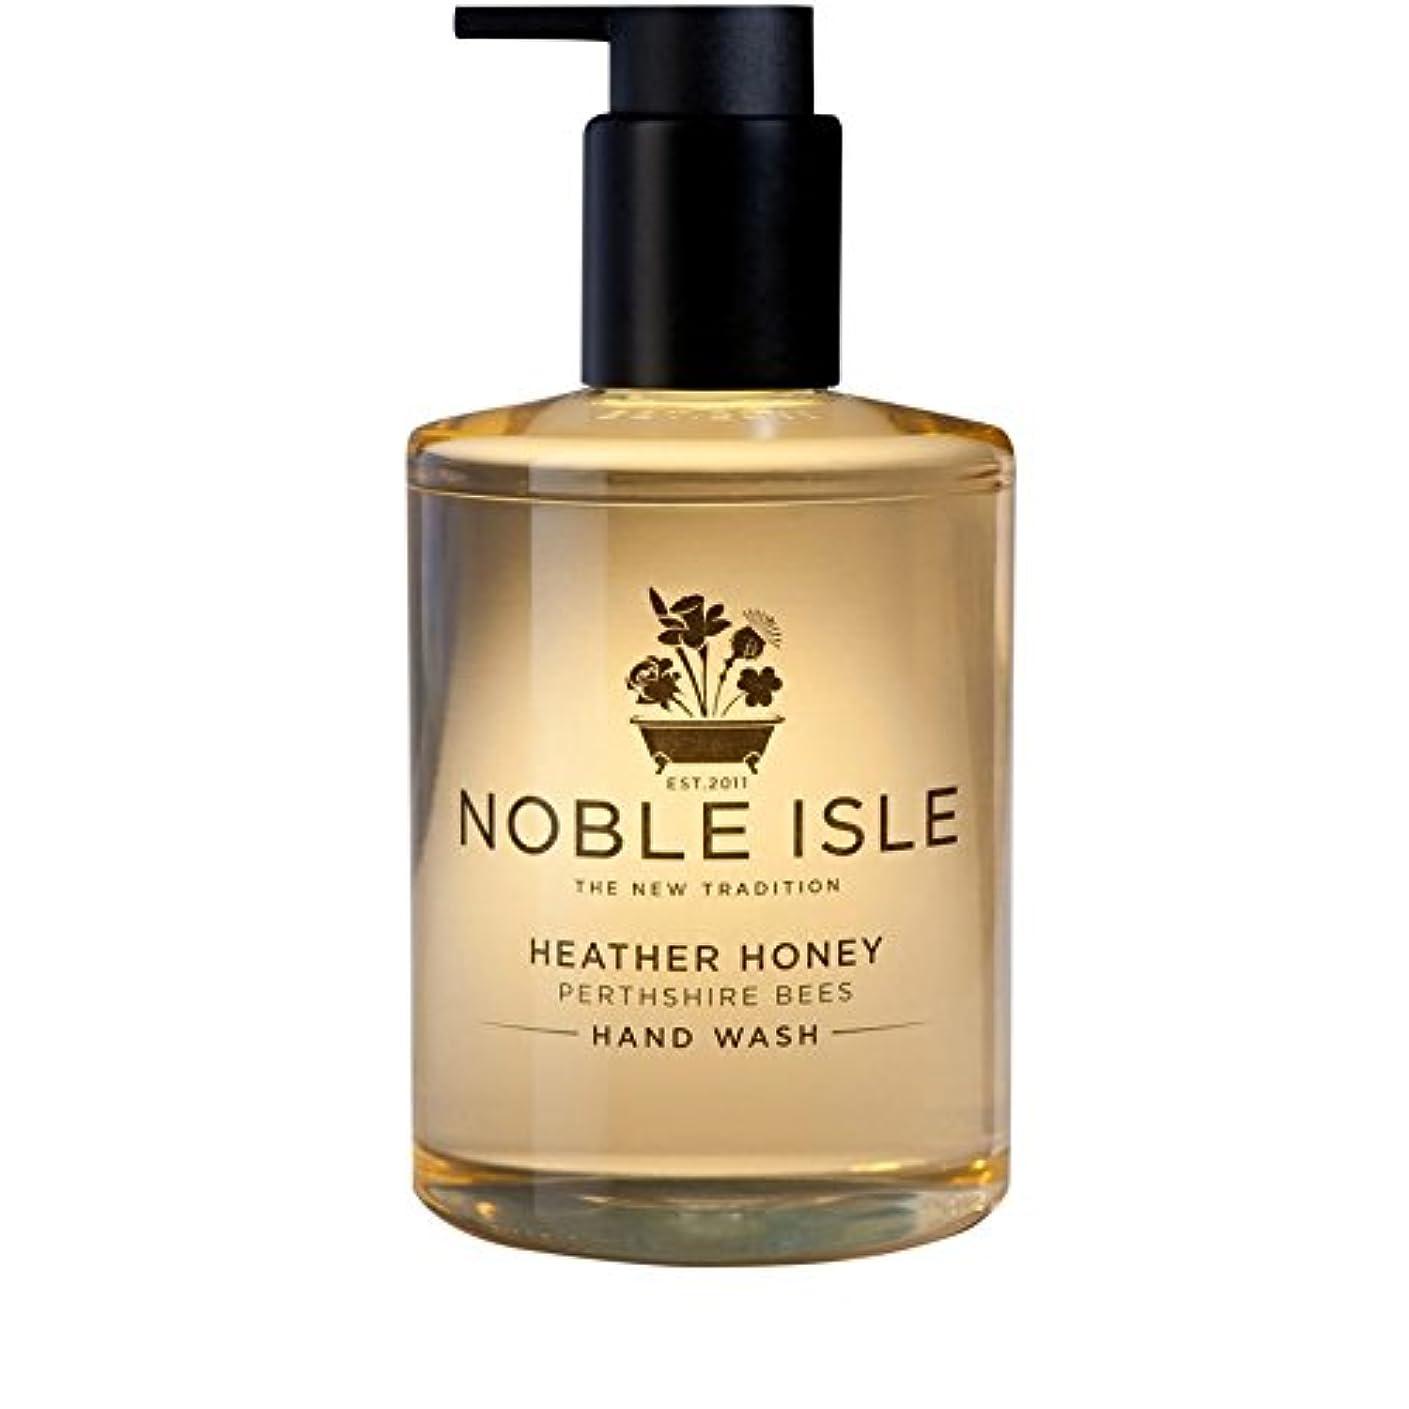 流すフリル権威Noble Isle Heather Honey Perthshire Bees Hand Wash 250ml (Pack of 6) - 高貴な島杢蜂蜜パースシャー蜂のハンドウォッシュ250ミリリットル x6 [並行輸入品]